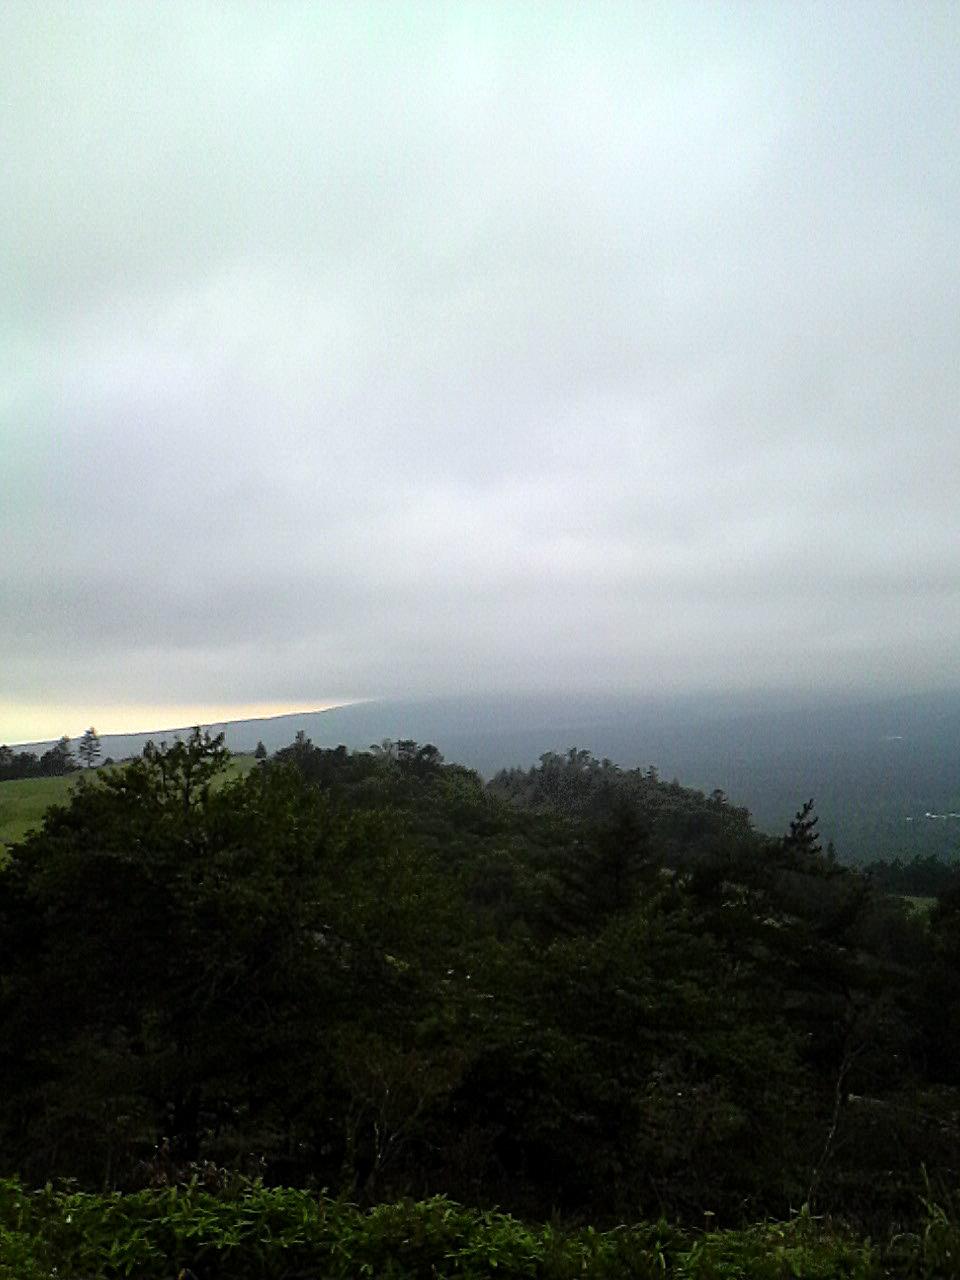 平沢峠から望む清里と八ヶ岳